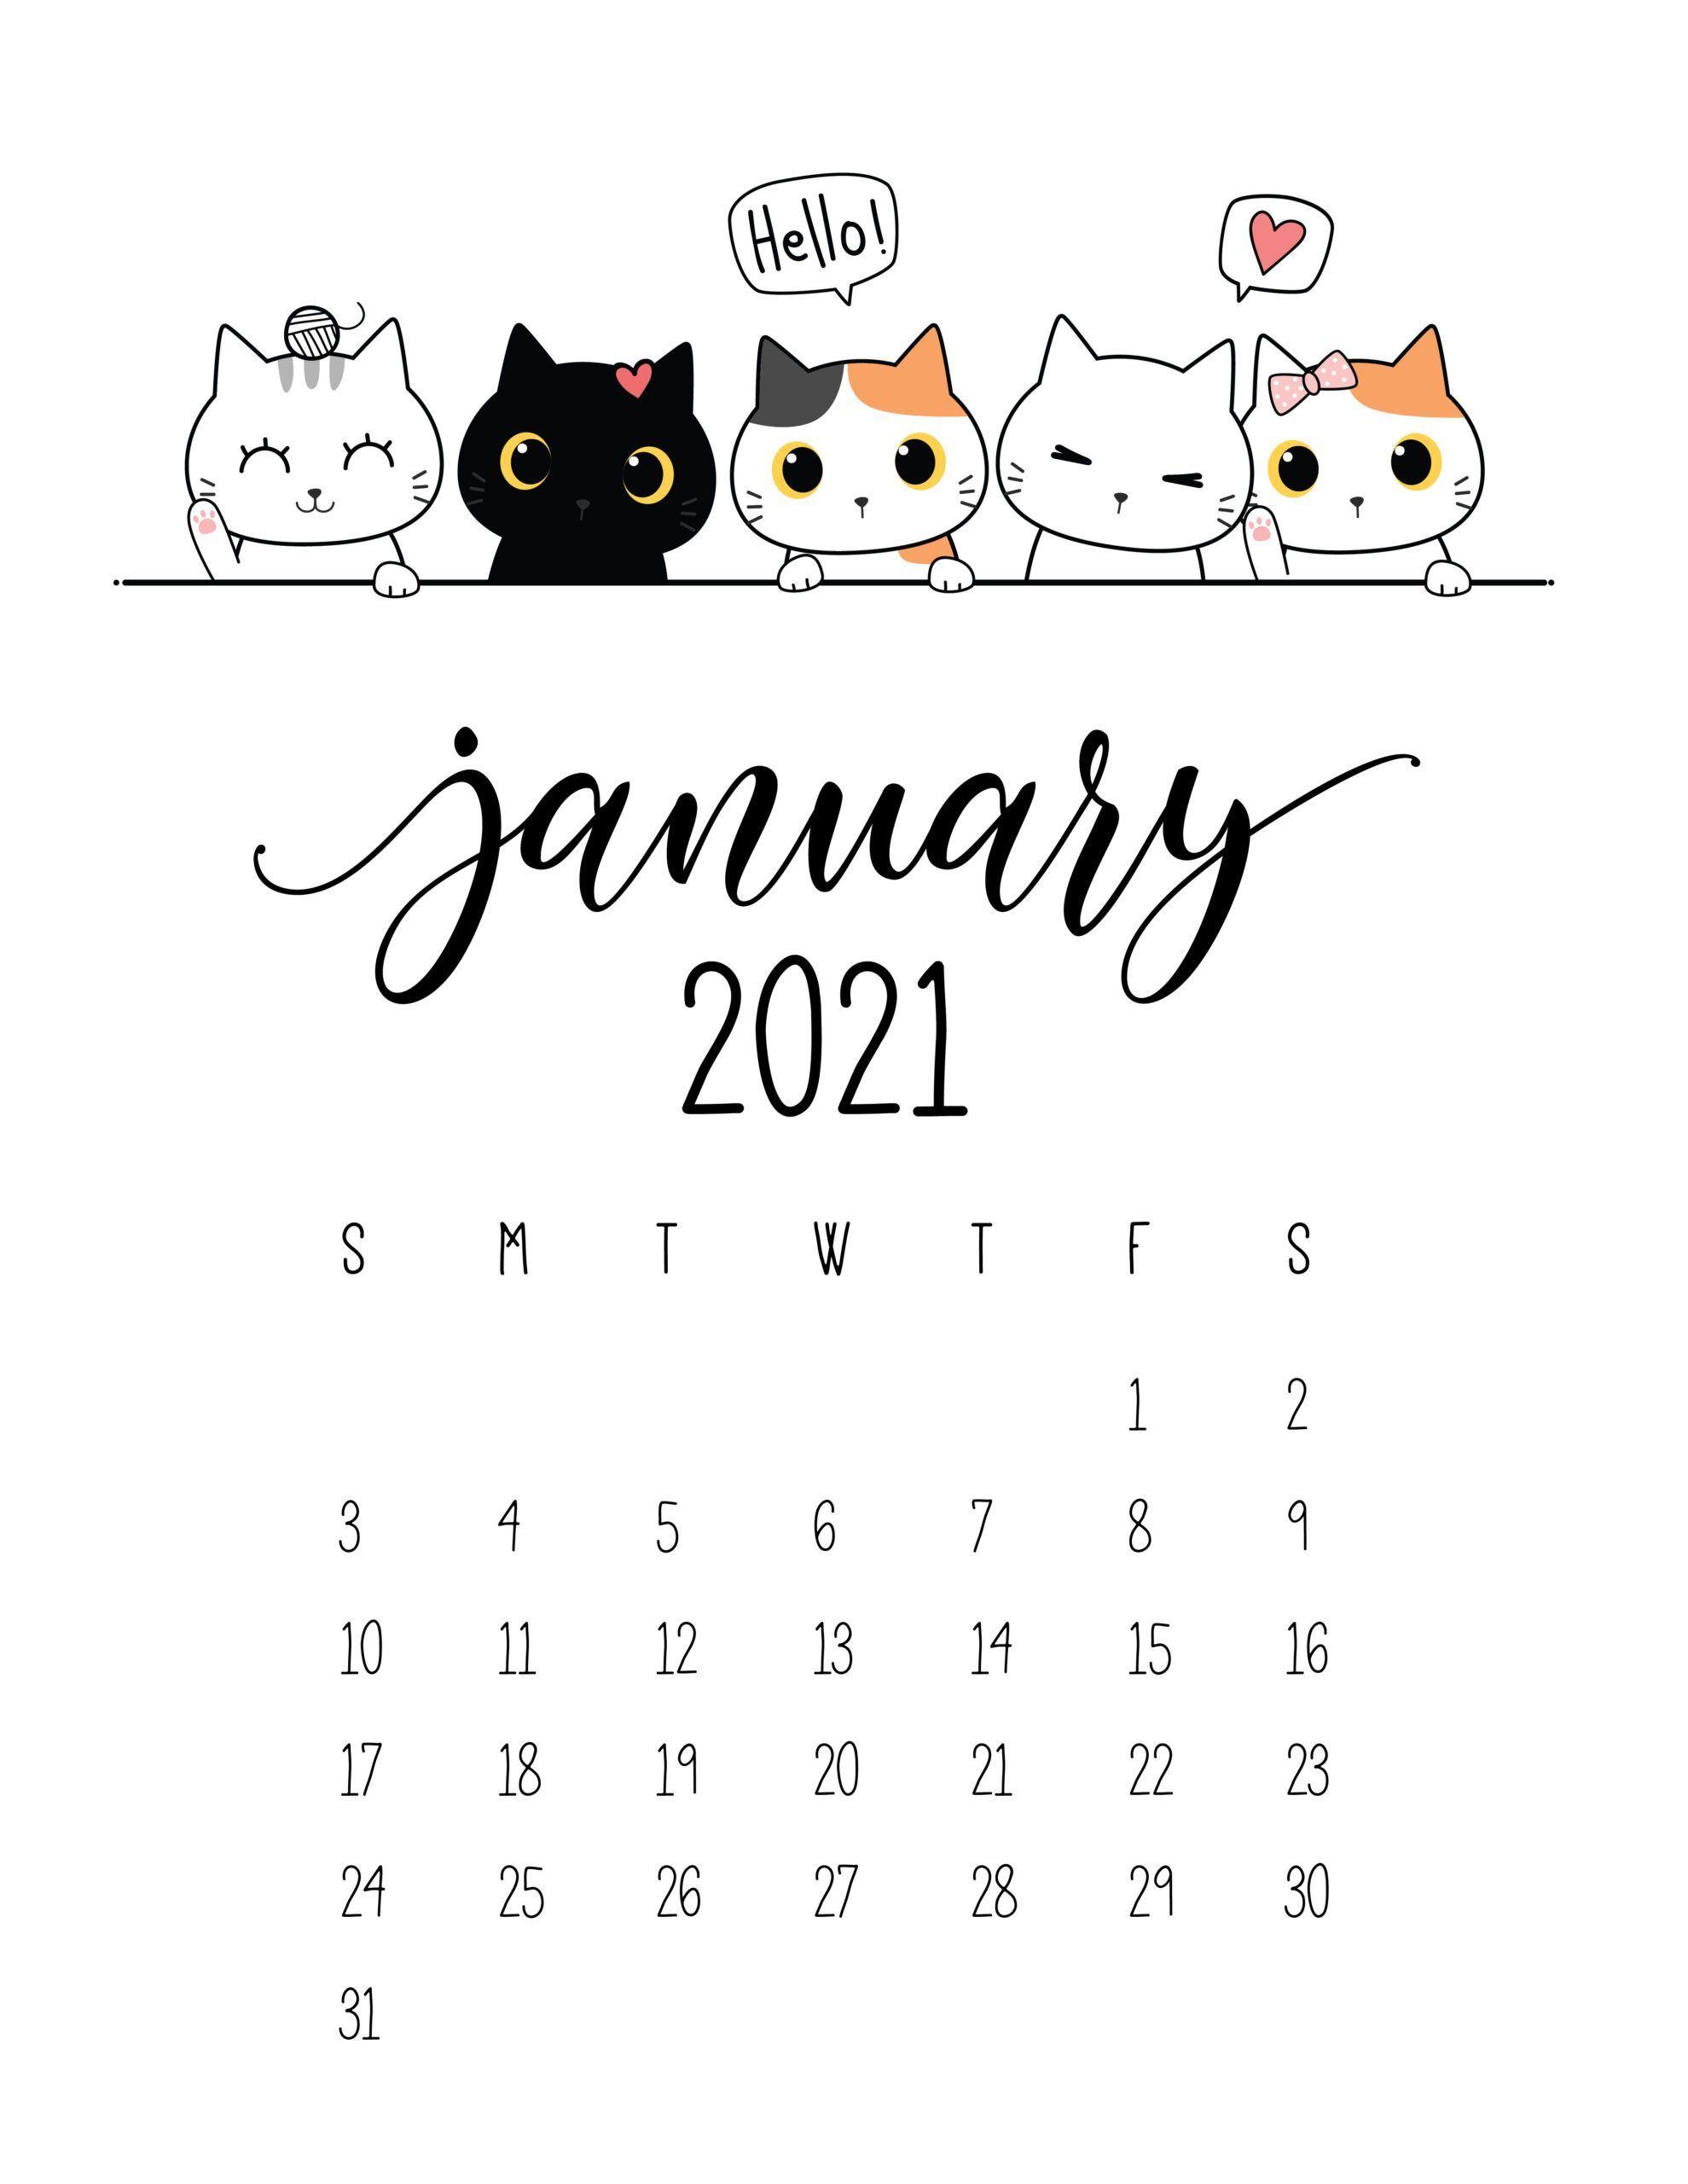 Peeking Cats January 2021 Calendar Peeking Cat Cute Calendar Kids Calendar